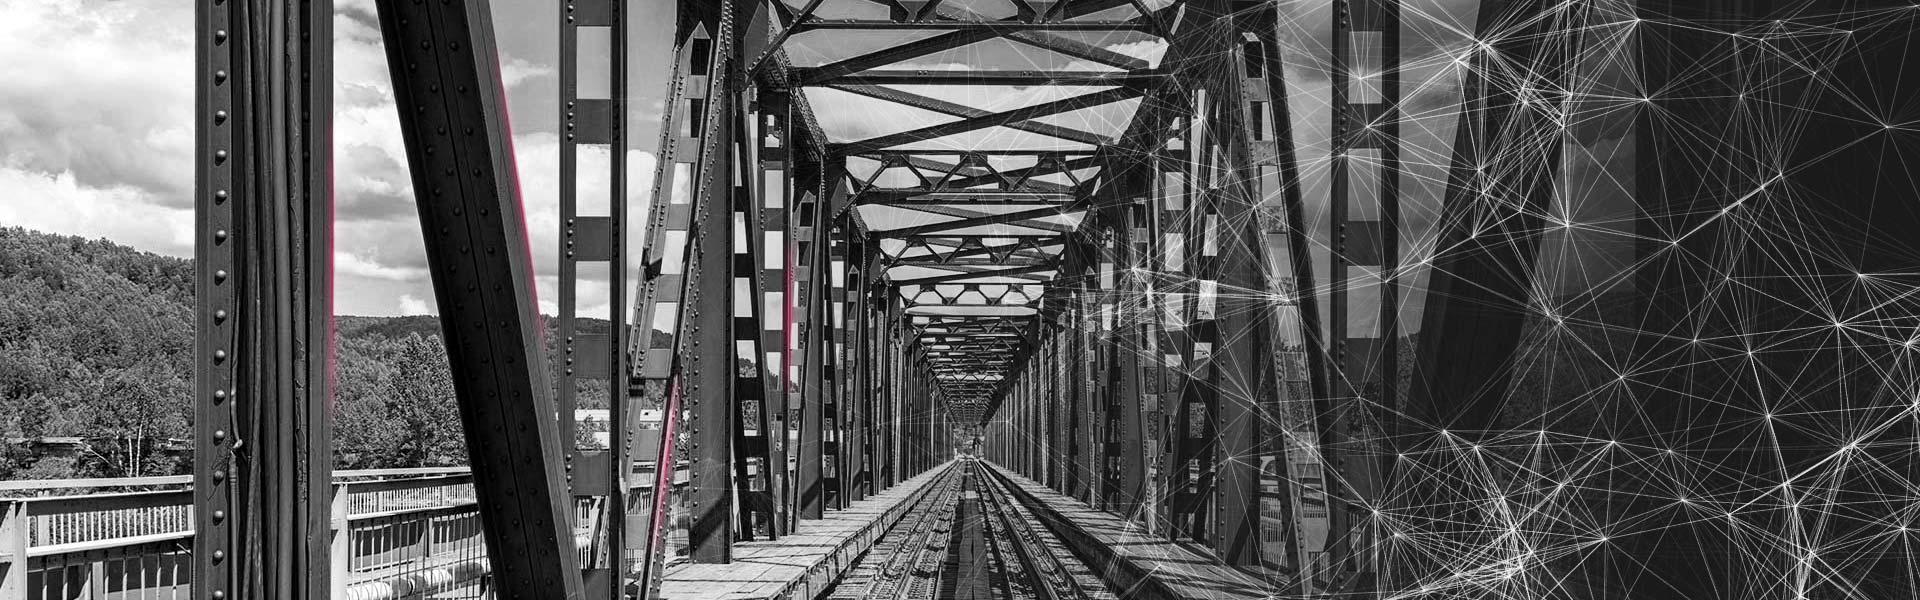 Stahl und Eisen für Bahnindustrie, Schienenbau